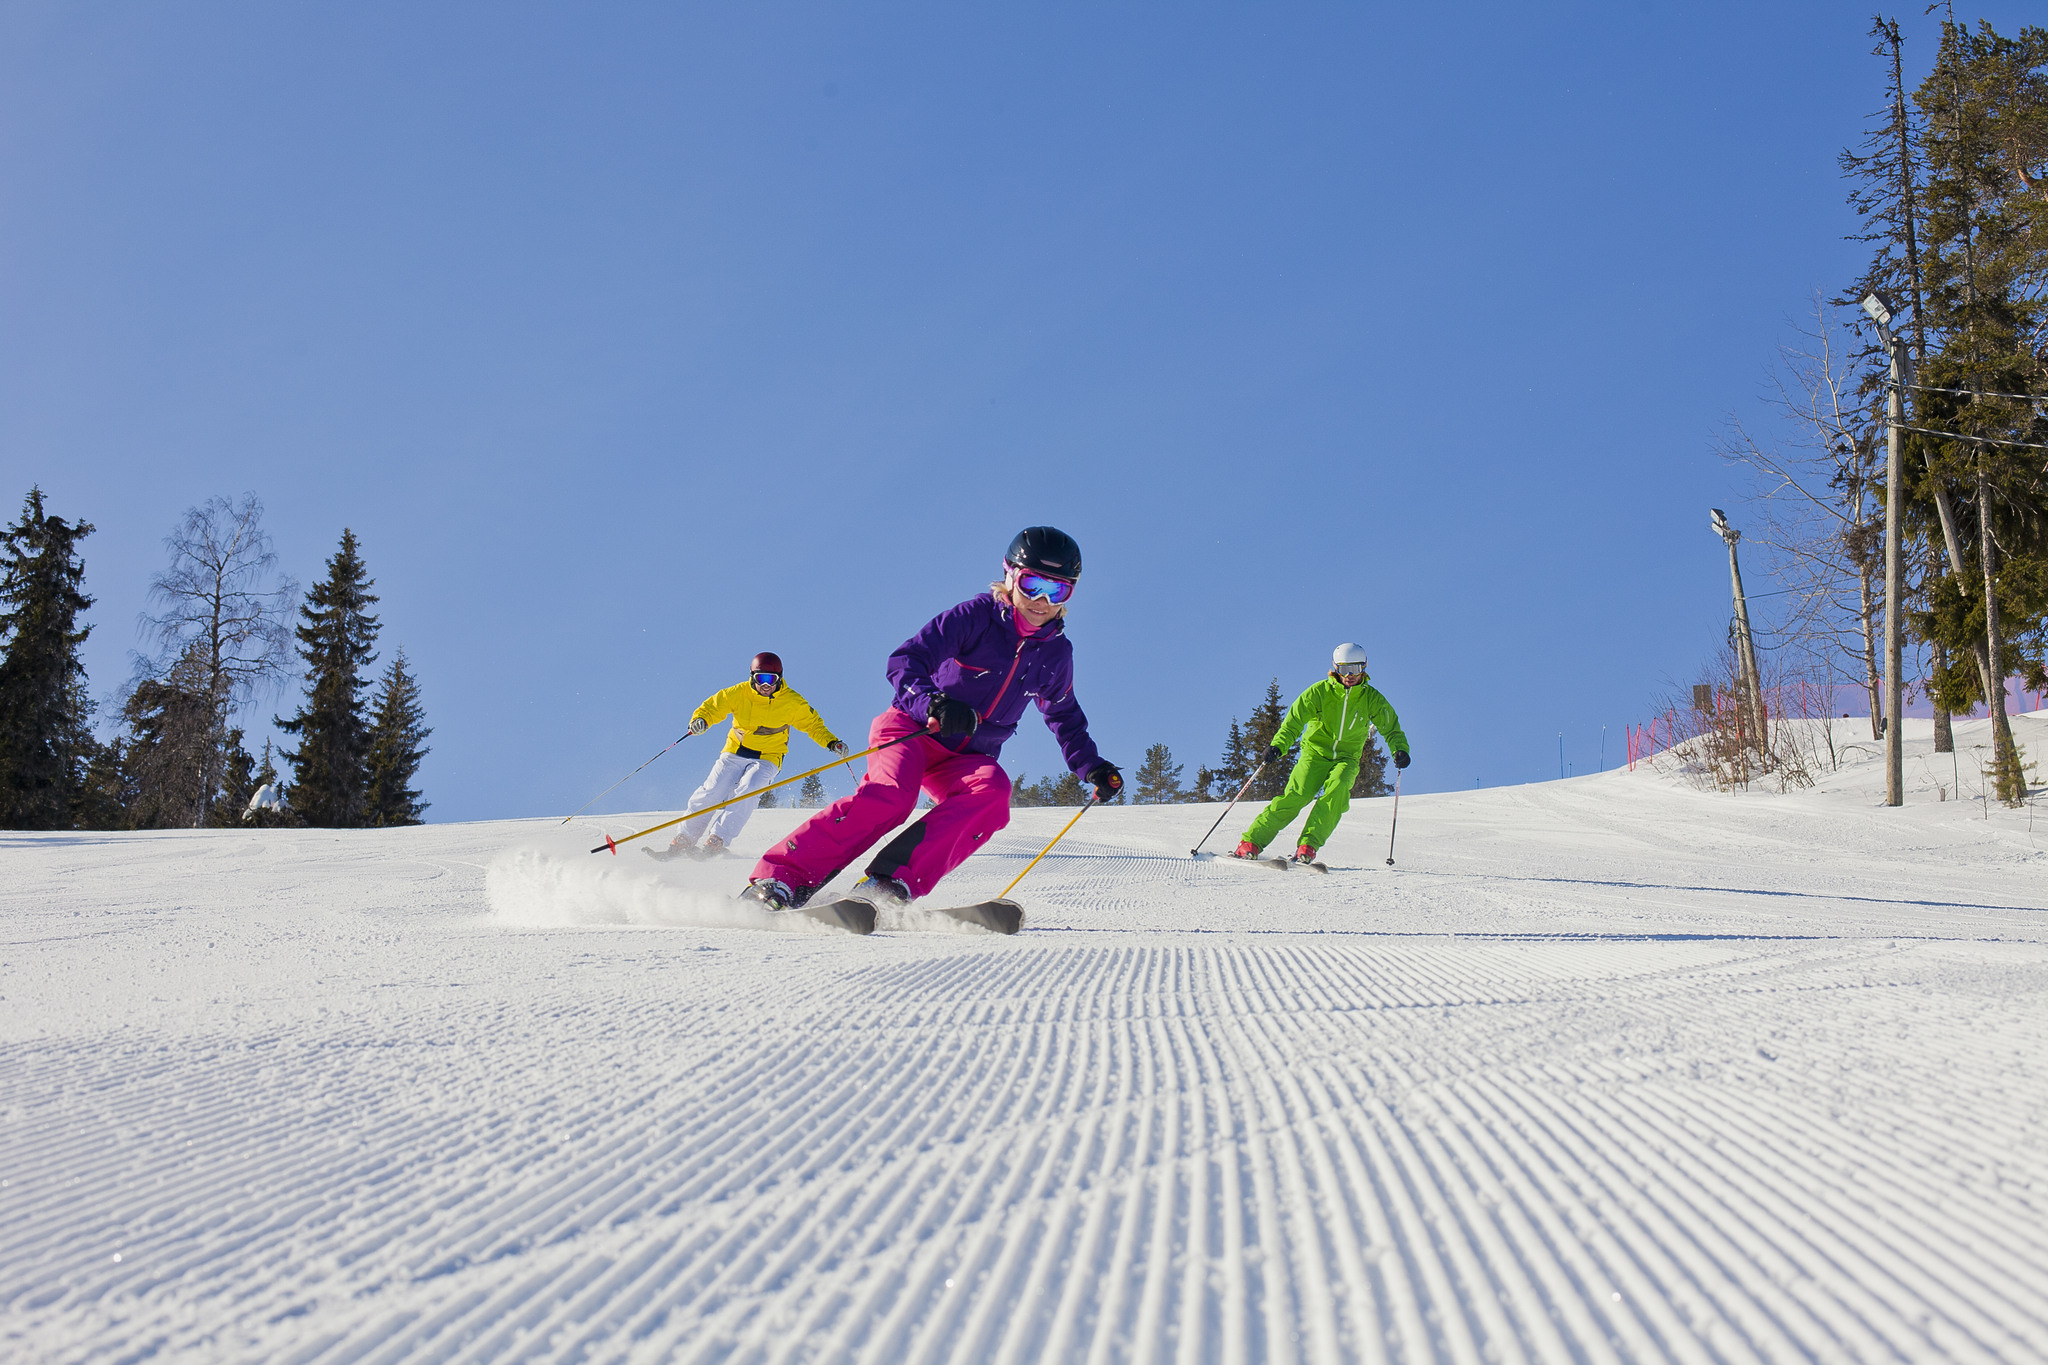 Vuokatti Ski Resort